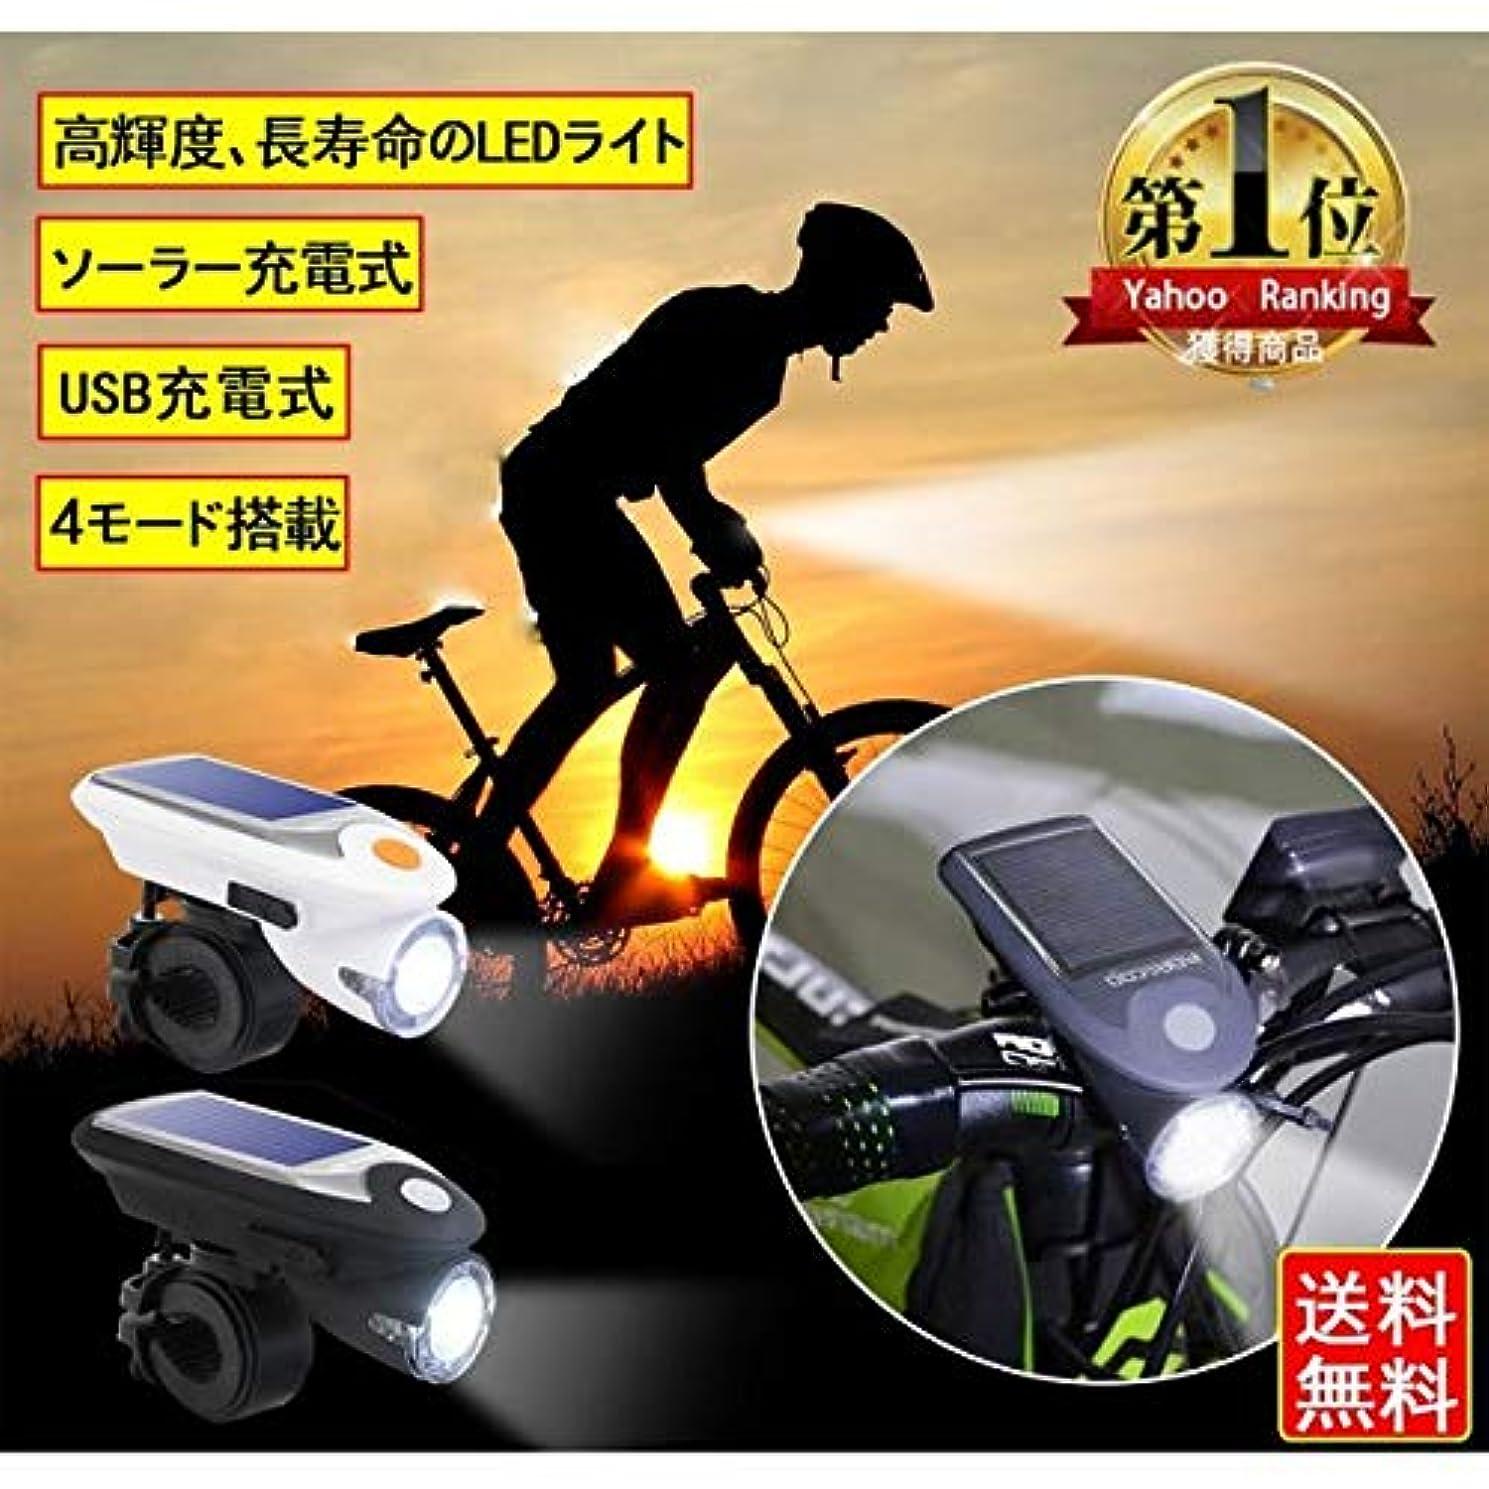 崇拝します汚いお互い自転車 ライト LED ライト ソーラー 自転車LEDライト 自転車ライト USB充電式 ソーラー充電 4モード搭載 高輝度 防水仕様 取り付け簡単